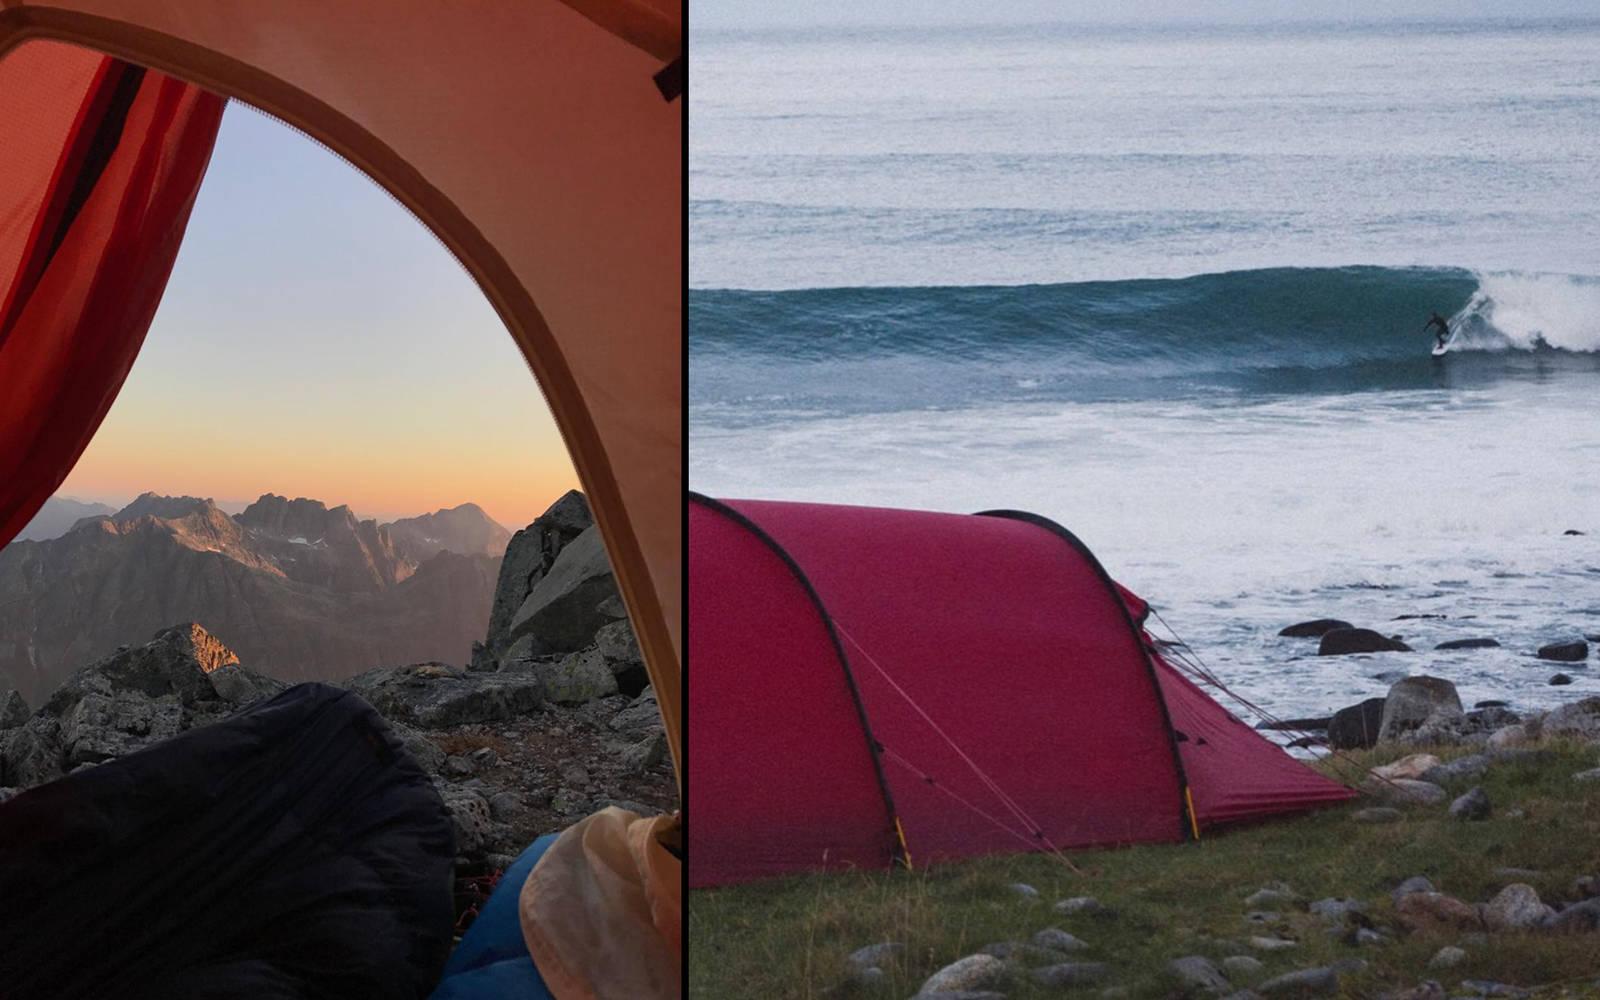 Sommer som vinter, hav eller fjell. Schirmers instagramprofil har dokumentert alle varianter. Bilde: @nikolaischirmer